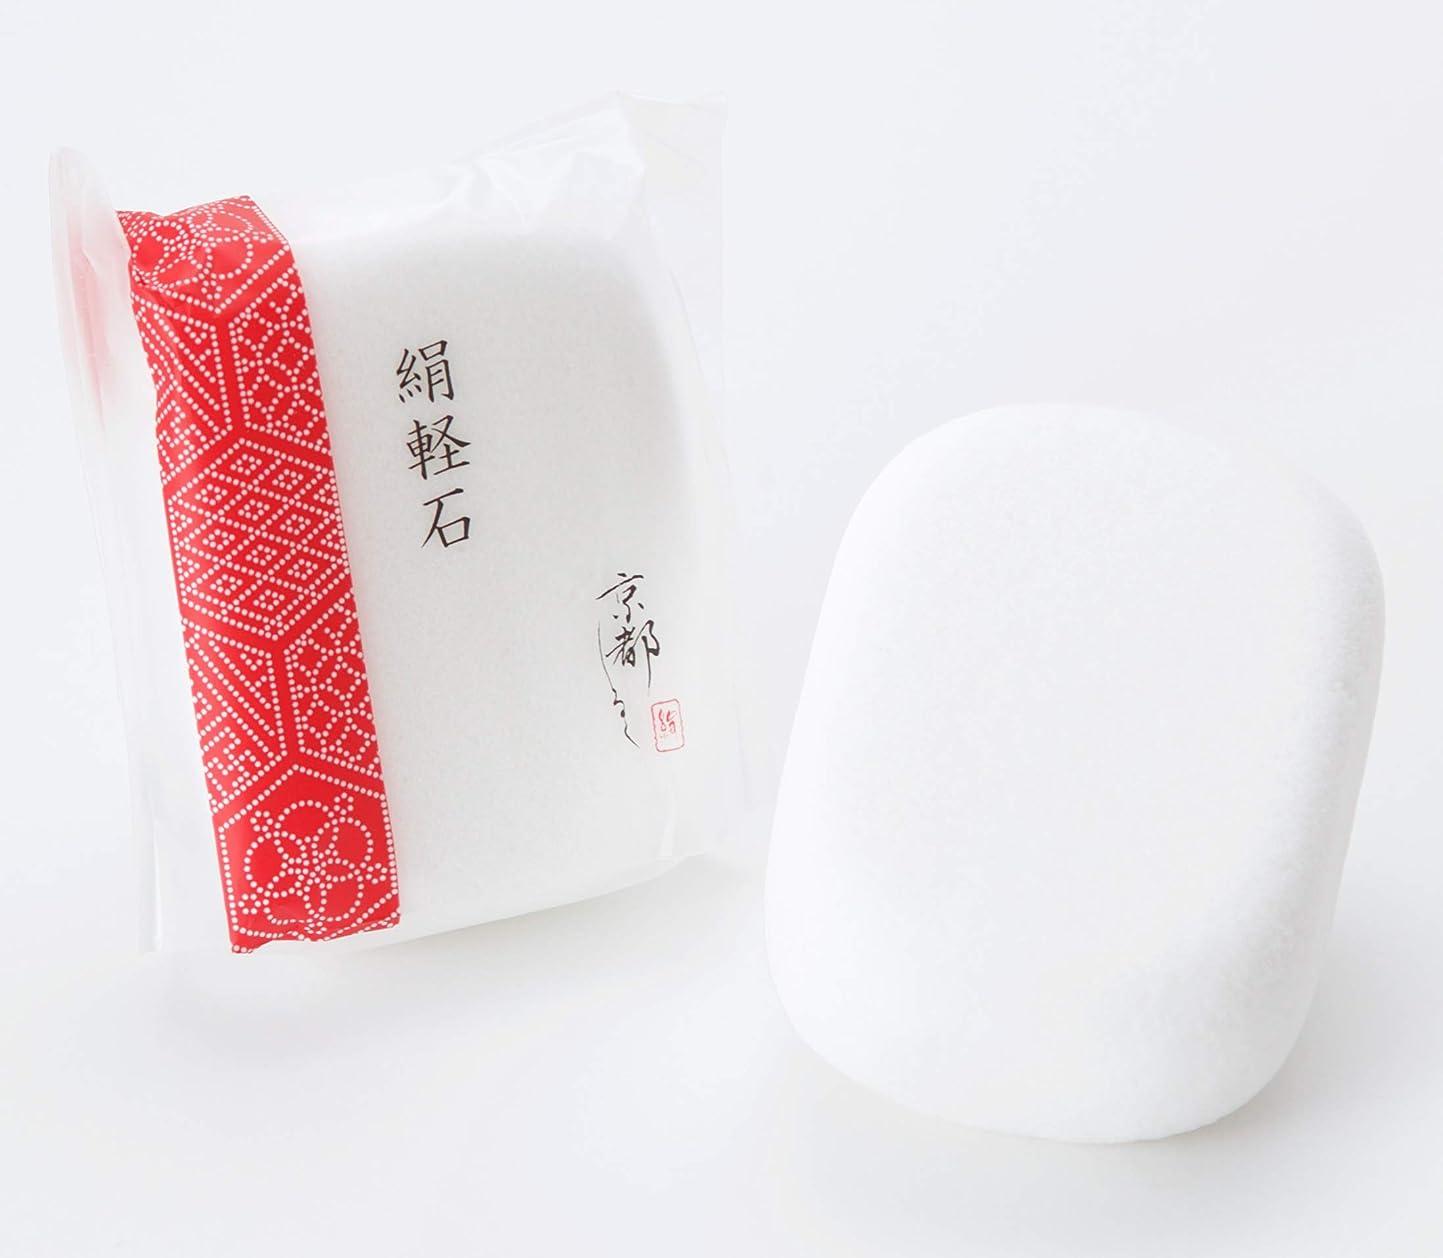 の面では開示するループ京都しるく シルクの軽石 2個セット【保湿成分シルクパウダー配合】/かかとの角質を落としてツルツル素足に 絹軽石 かかとキレイ かかとつるつる